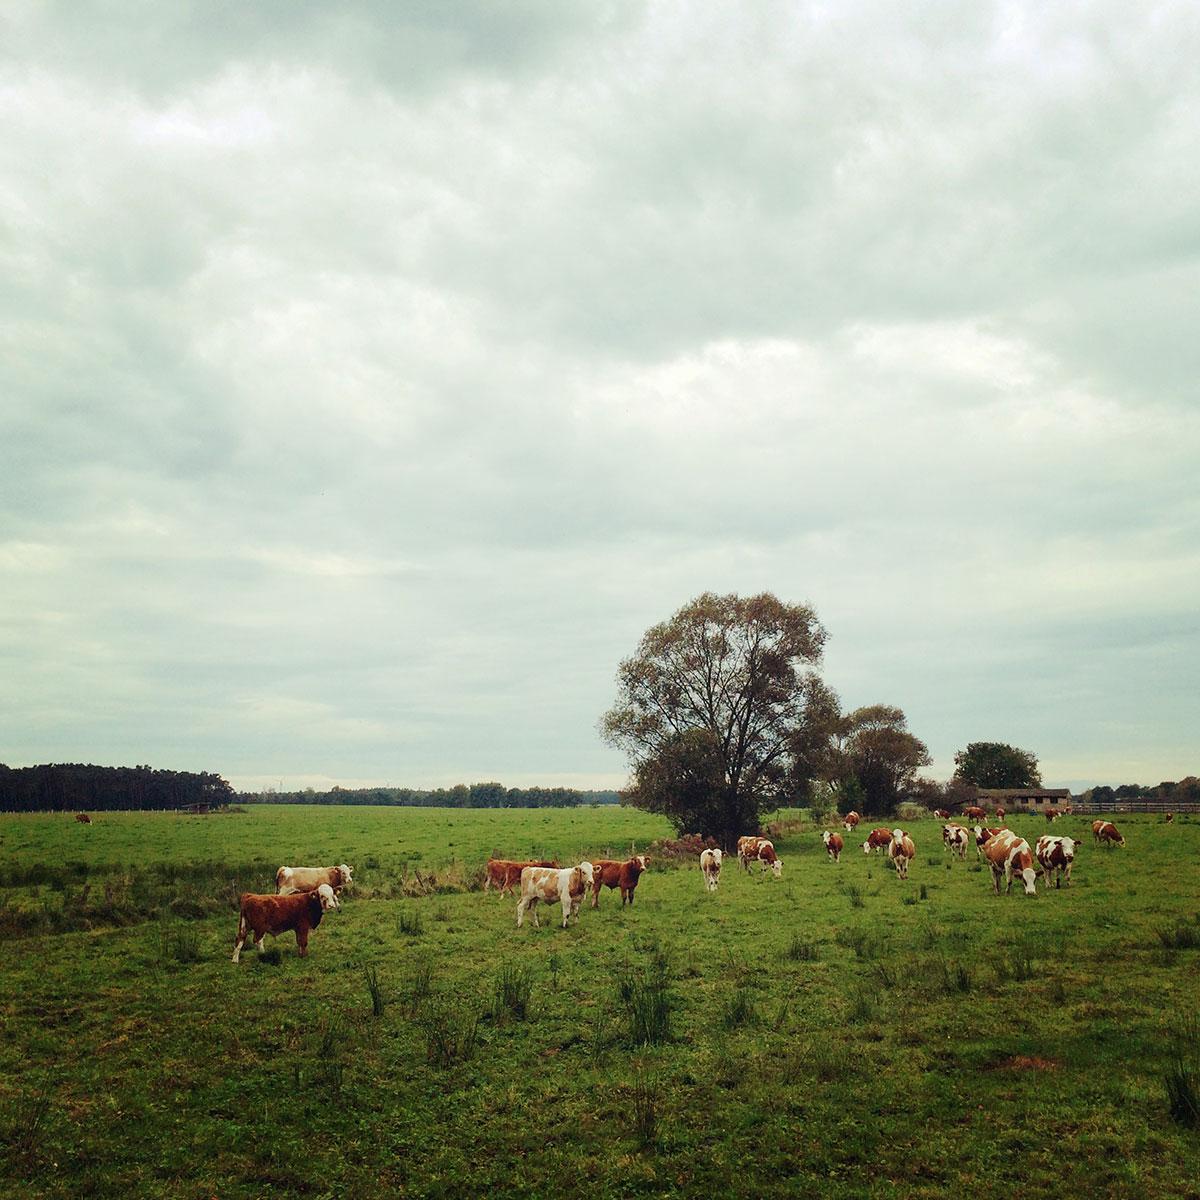 Unterwegs im Hohen Fläming: landwirtschaftliche Nutzflächen. Aber irgendwie auch schön…